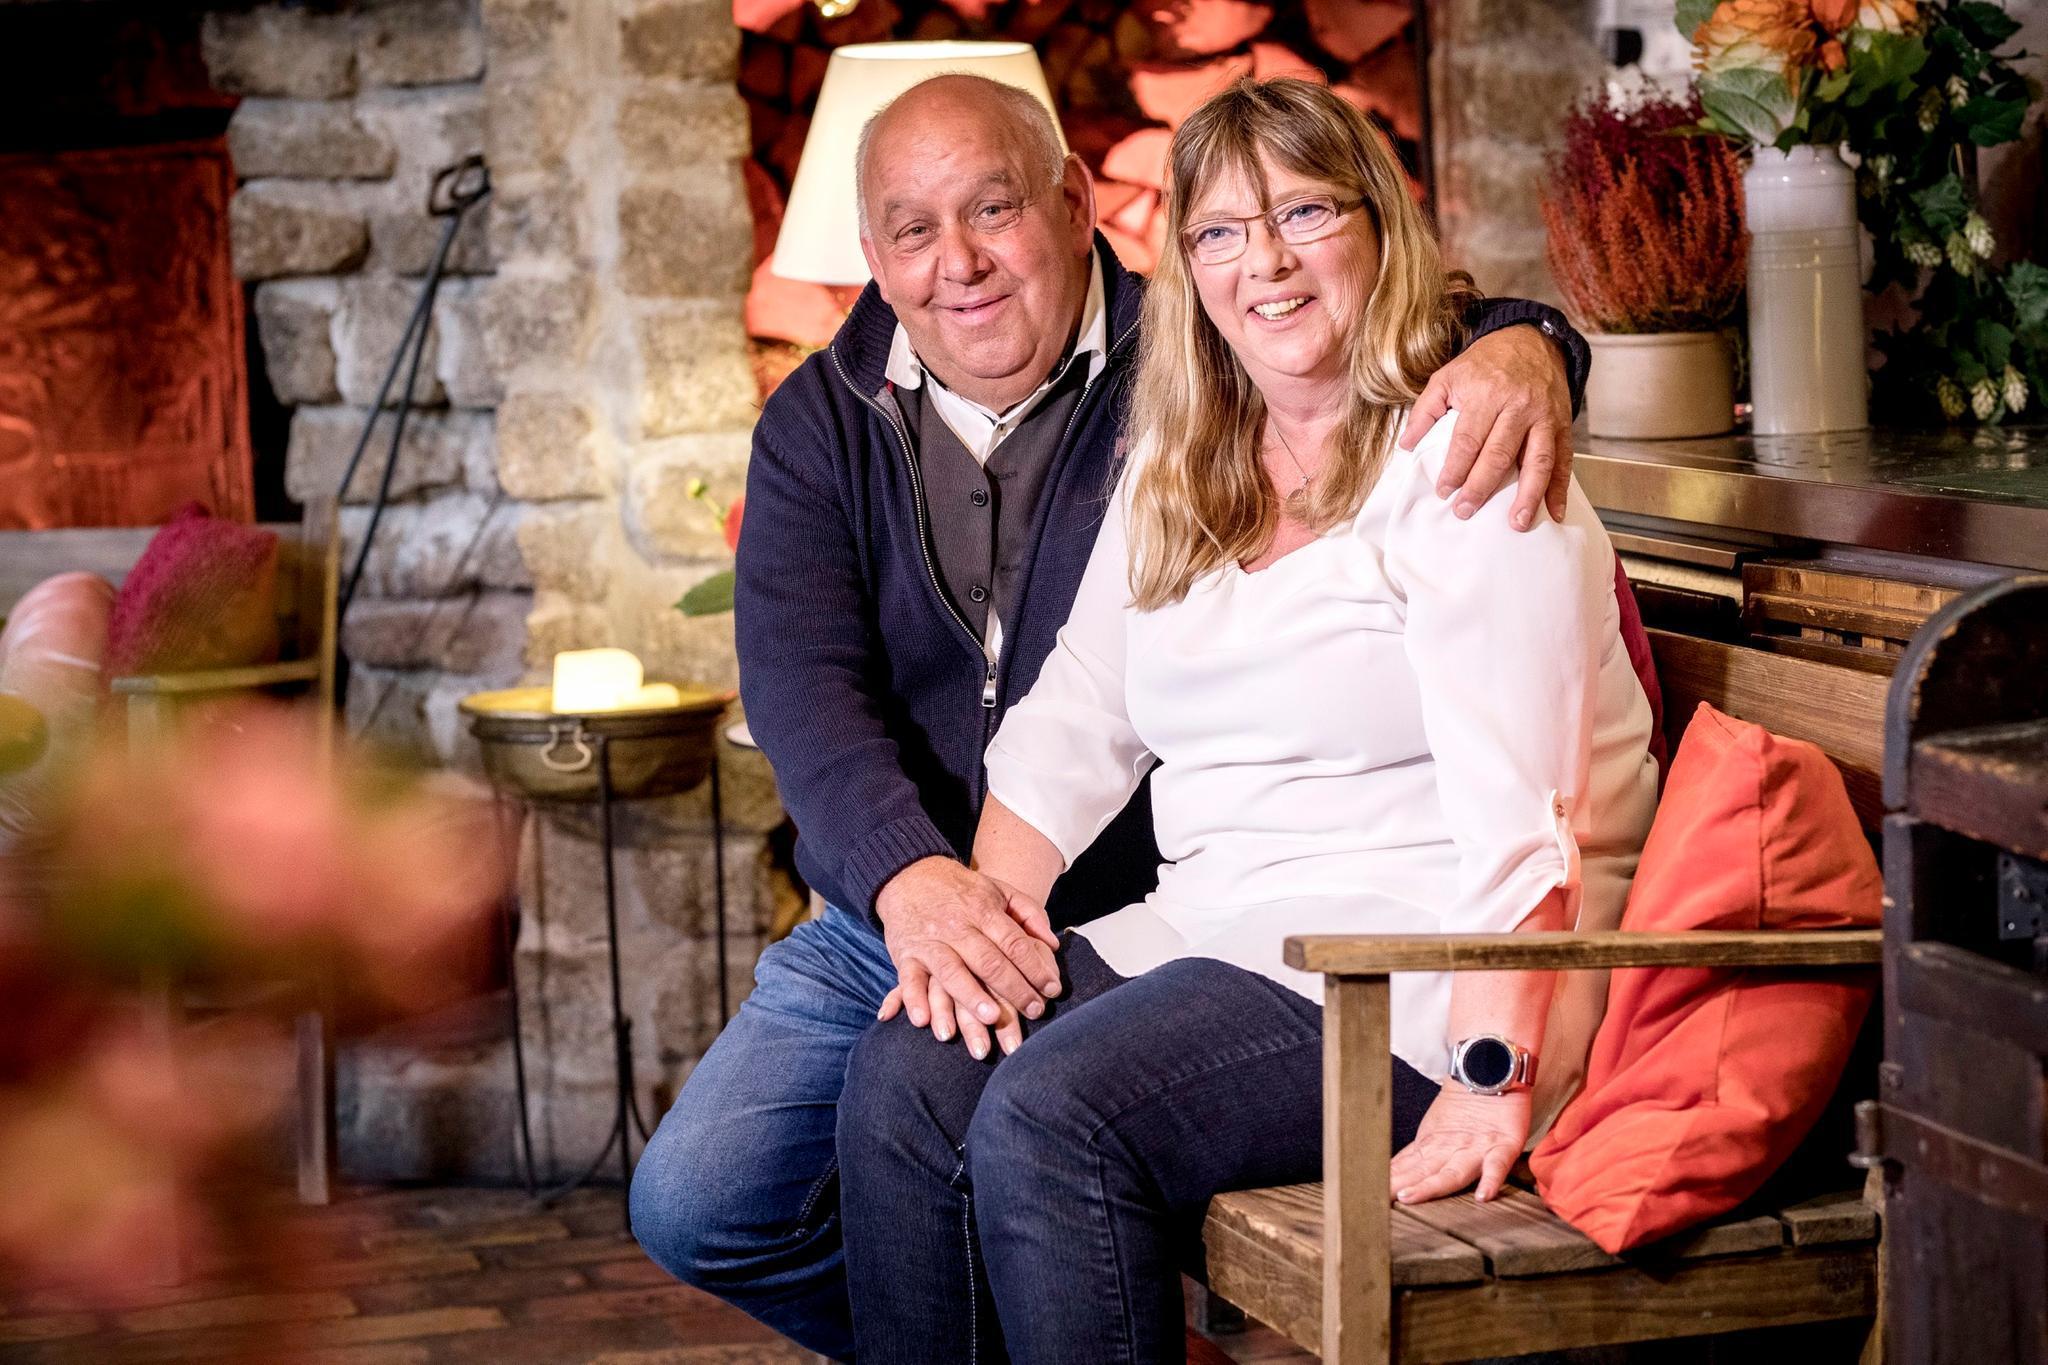 Bauer sucht Frau: Jürgen und Kerstin haben sich getrennt